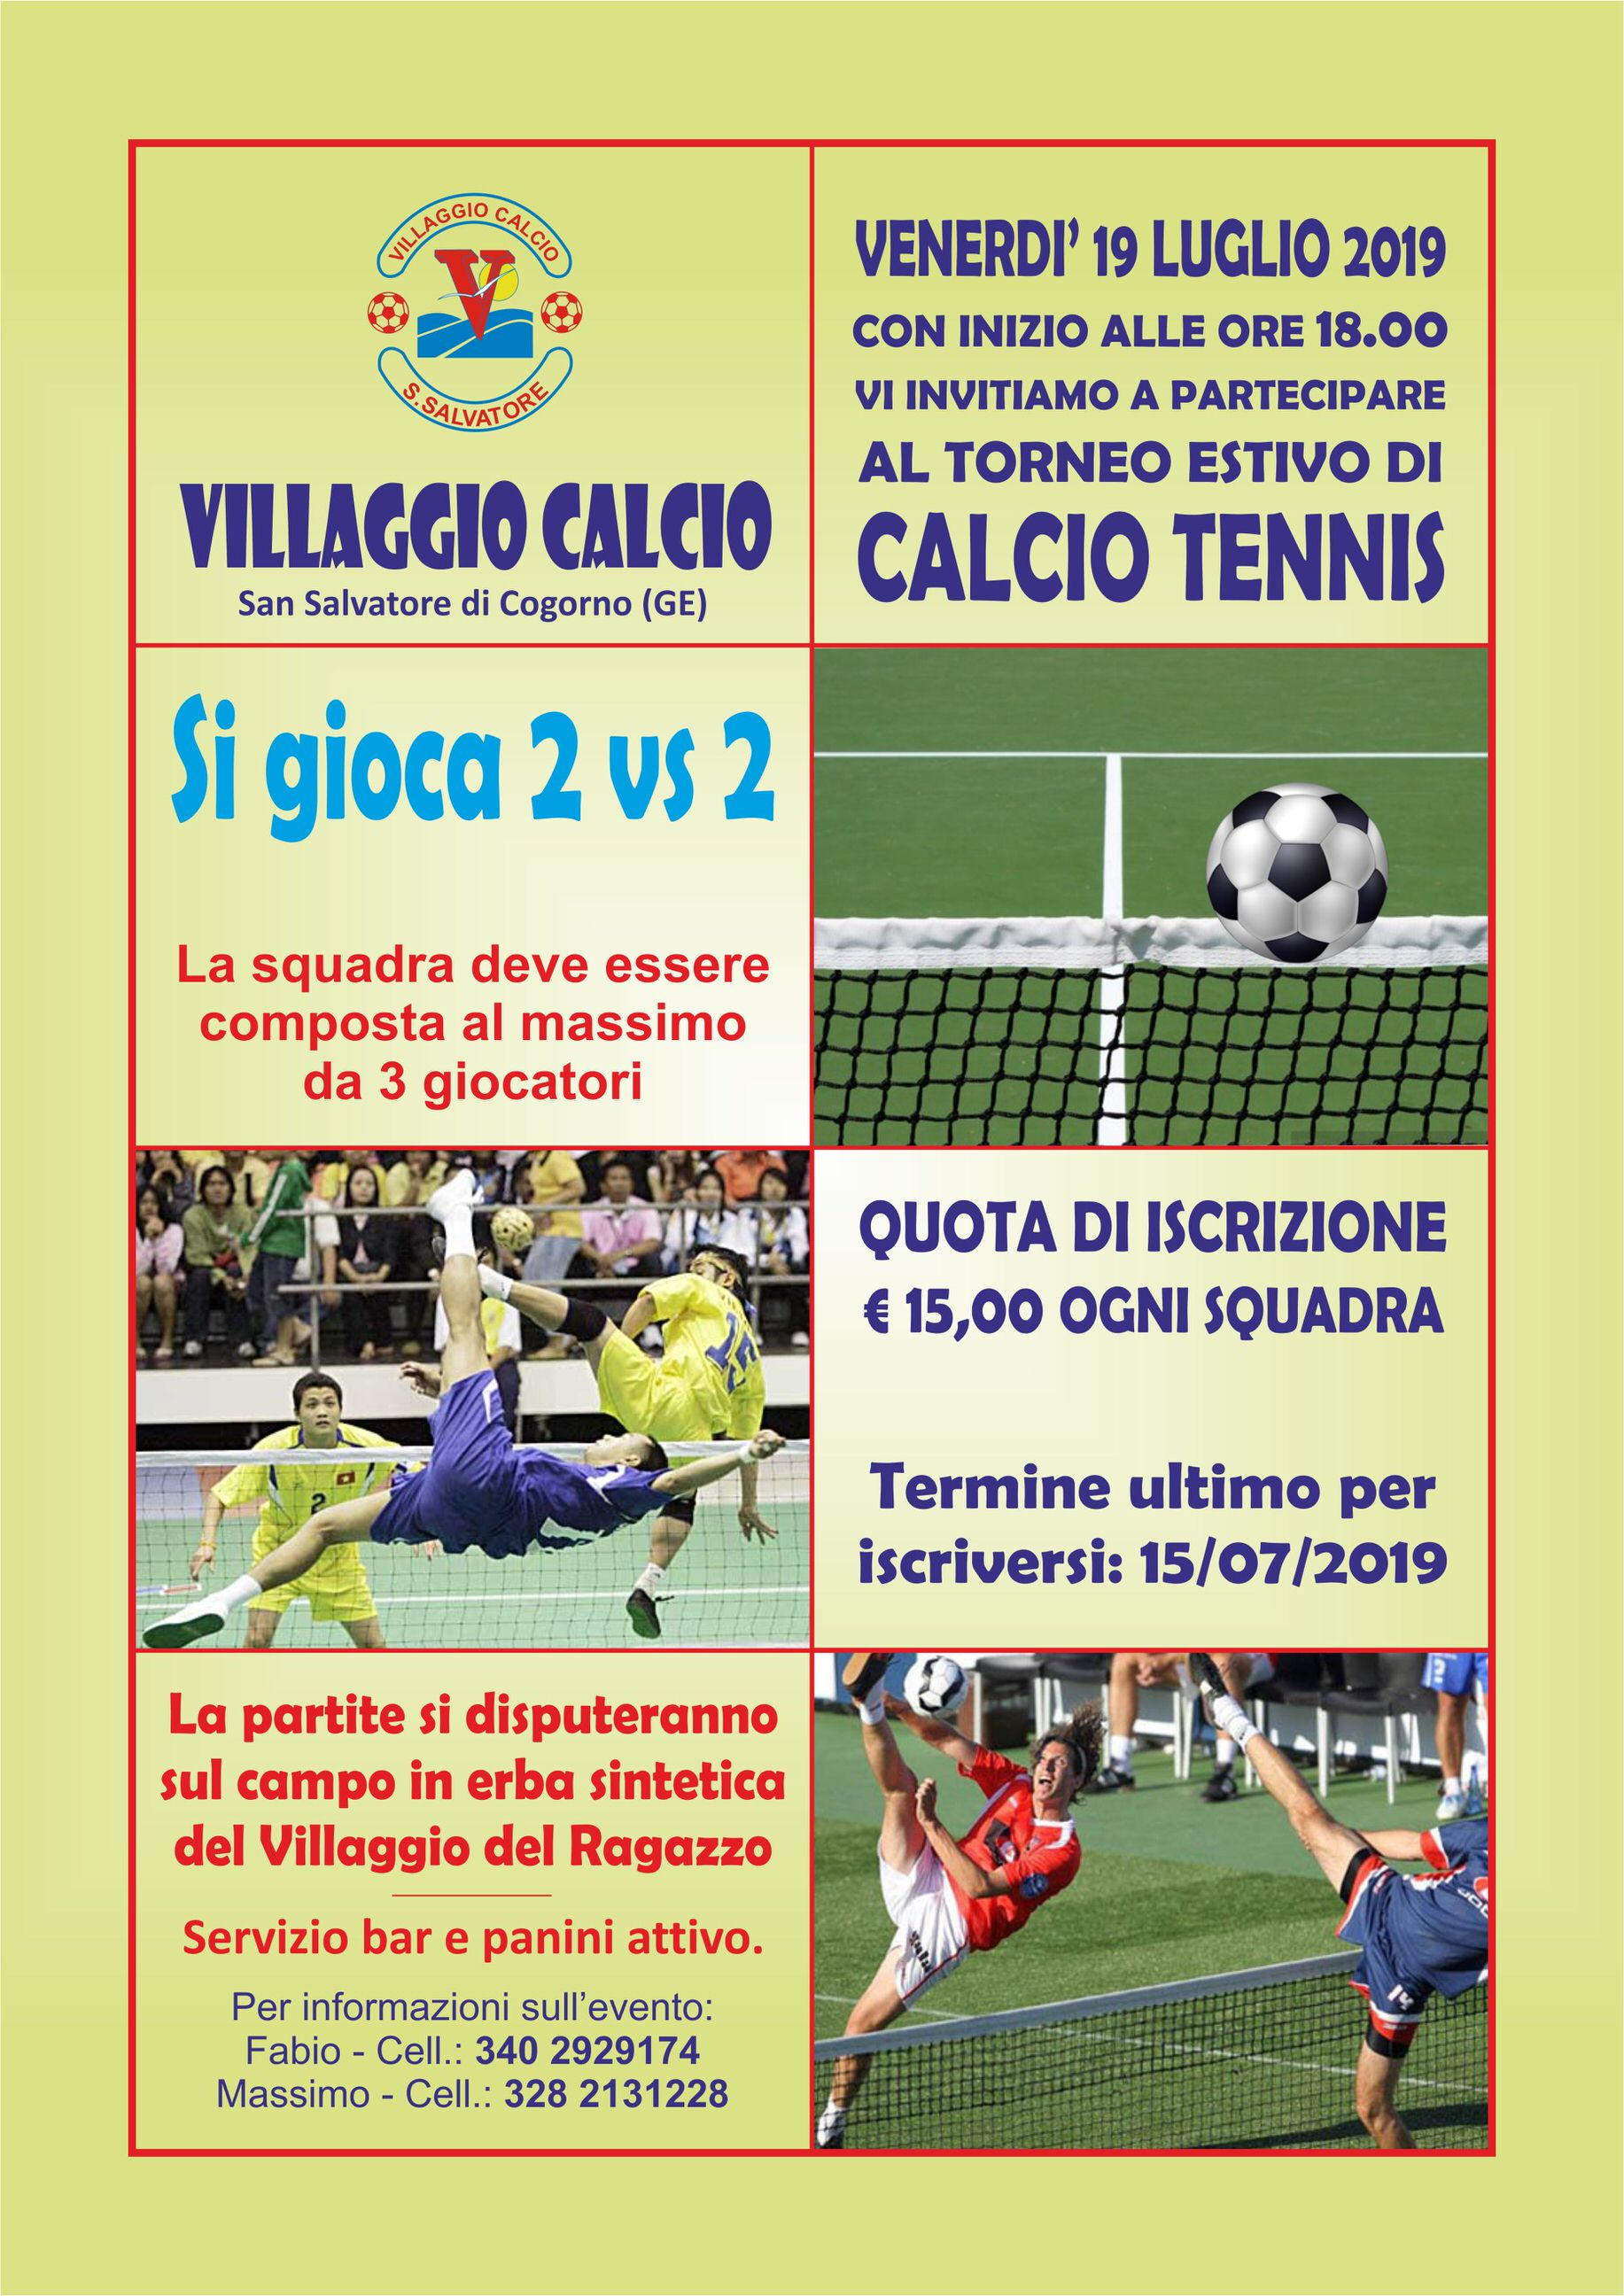 Villaggio Calcio: al Centro San Salvatore primo Torneo di Calcio Tennis 2 vs 2